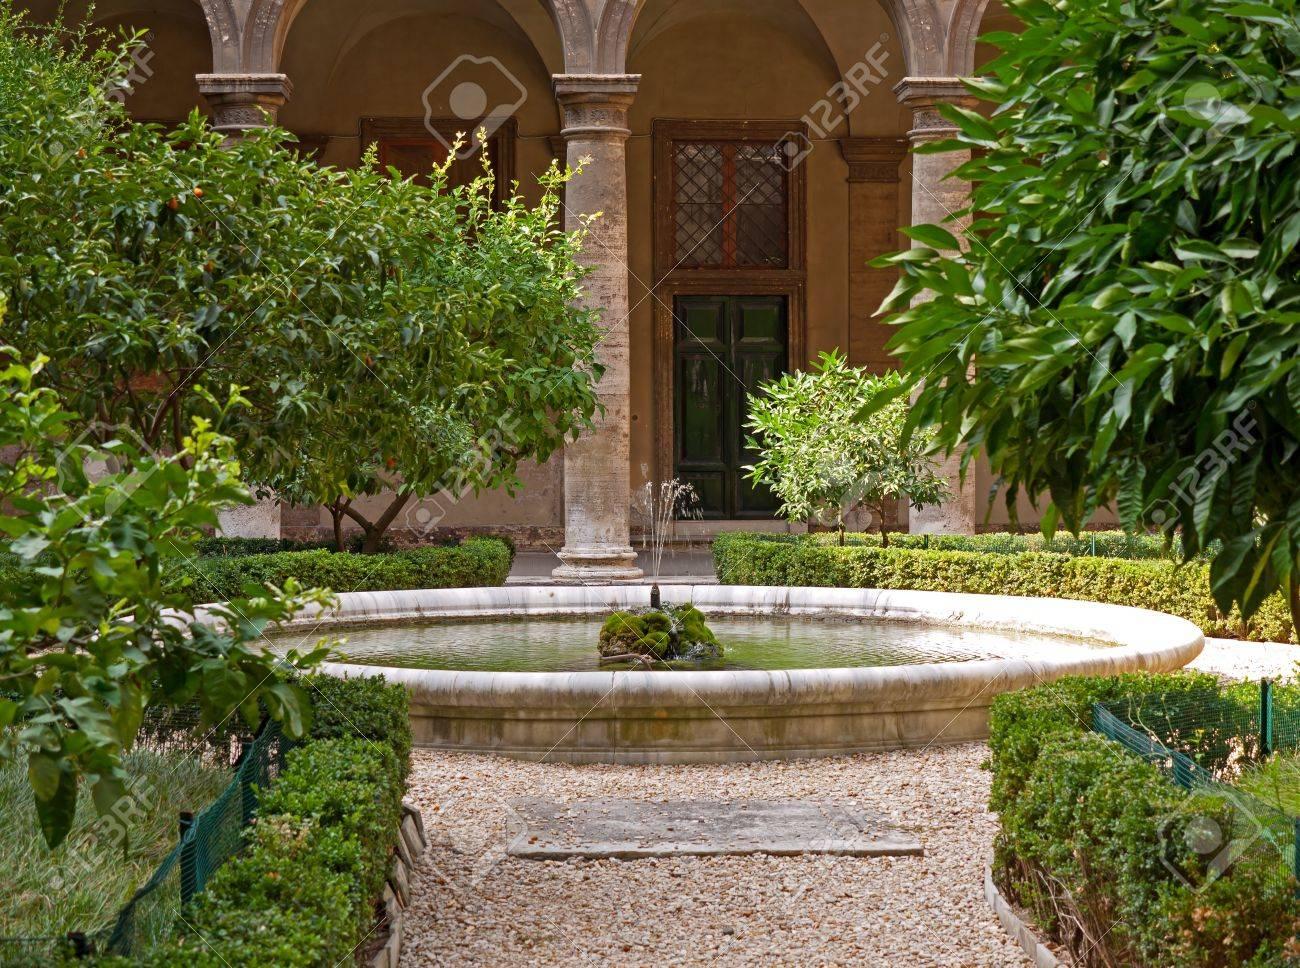 Mediterraner Garten Mit Brunnen Lizenzfreie Fotos Bilder Und